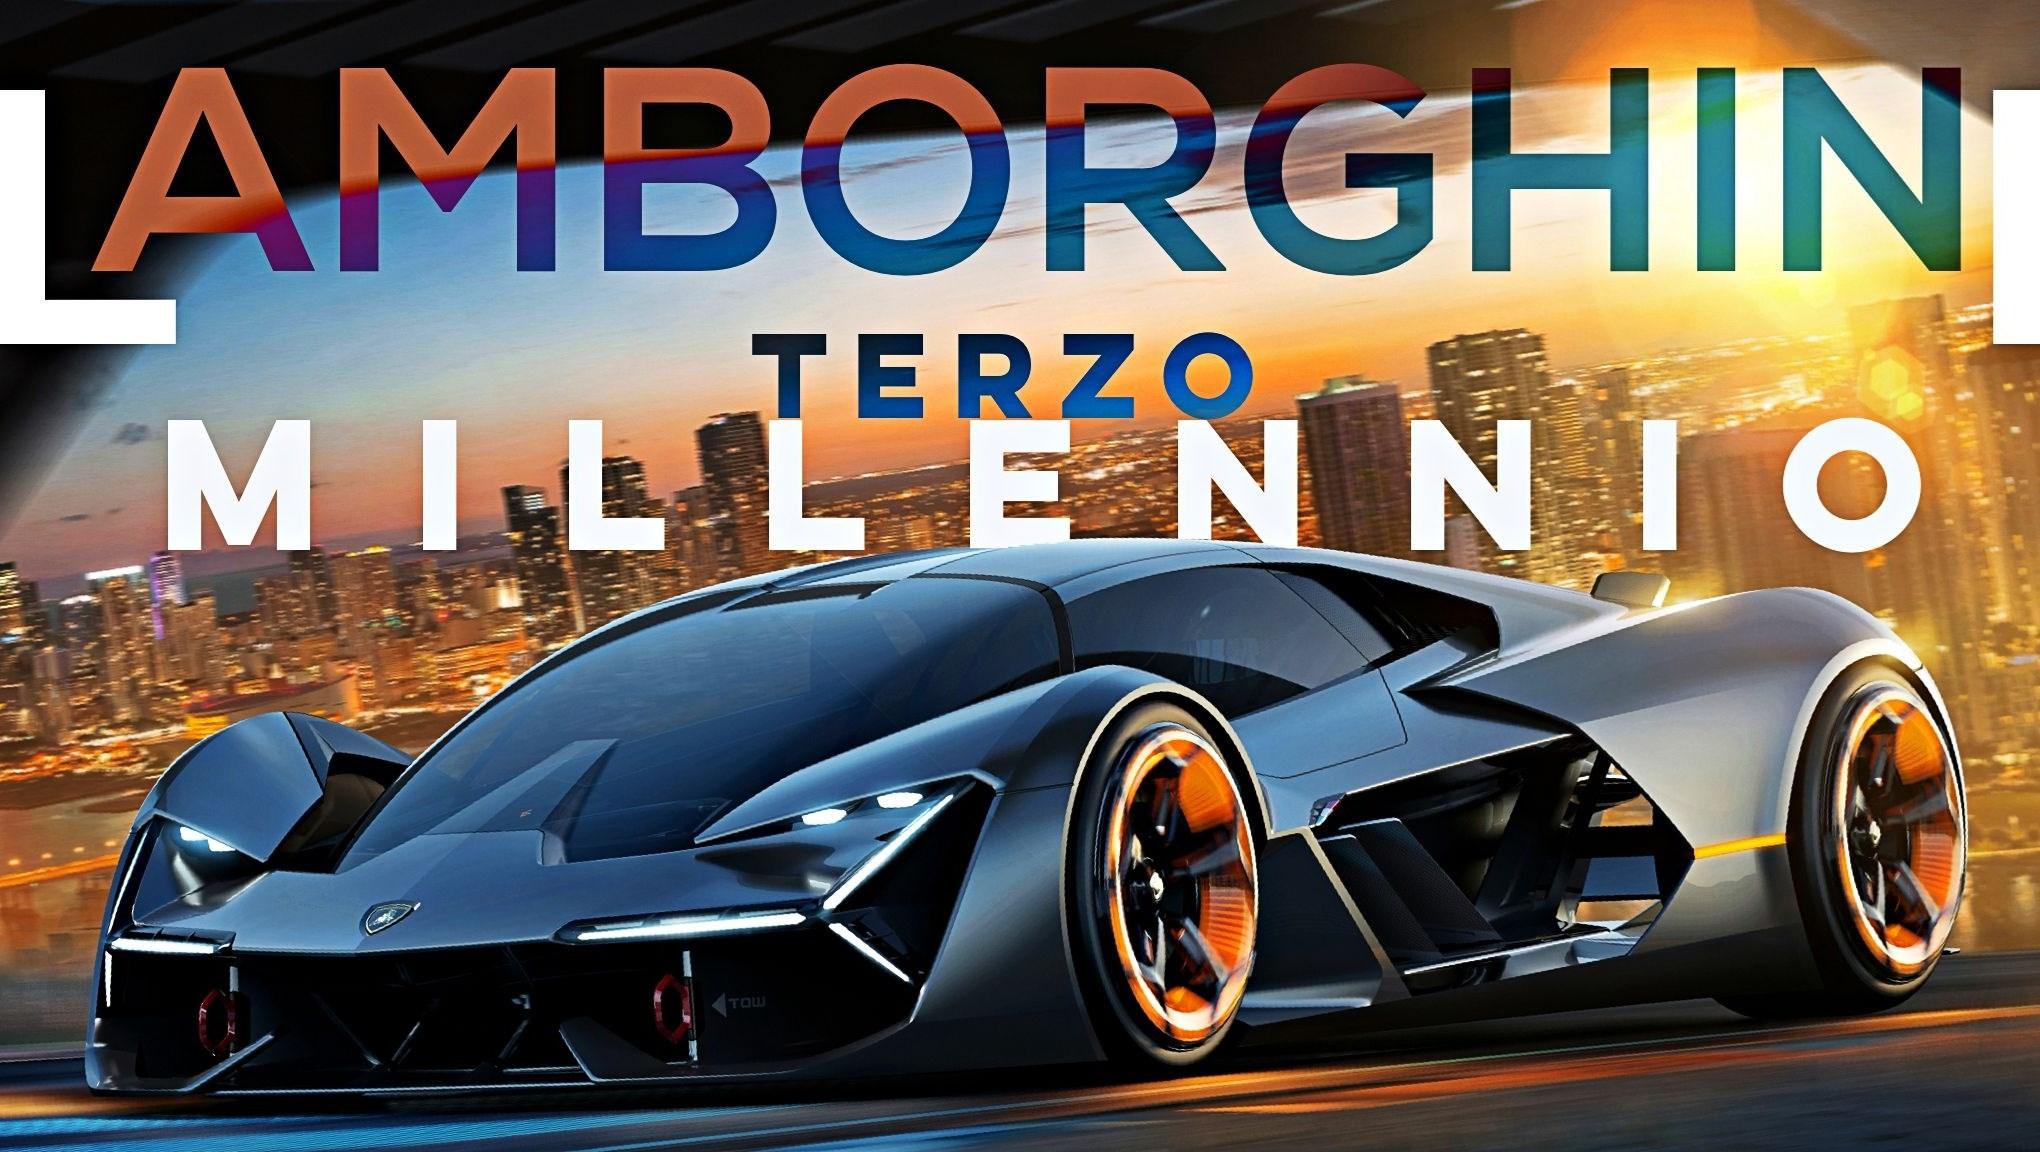 Lamborghini Unveils Terzo Millennio